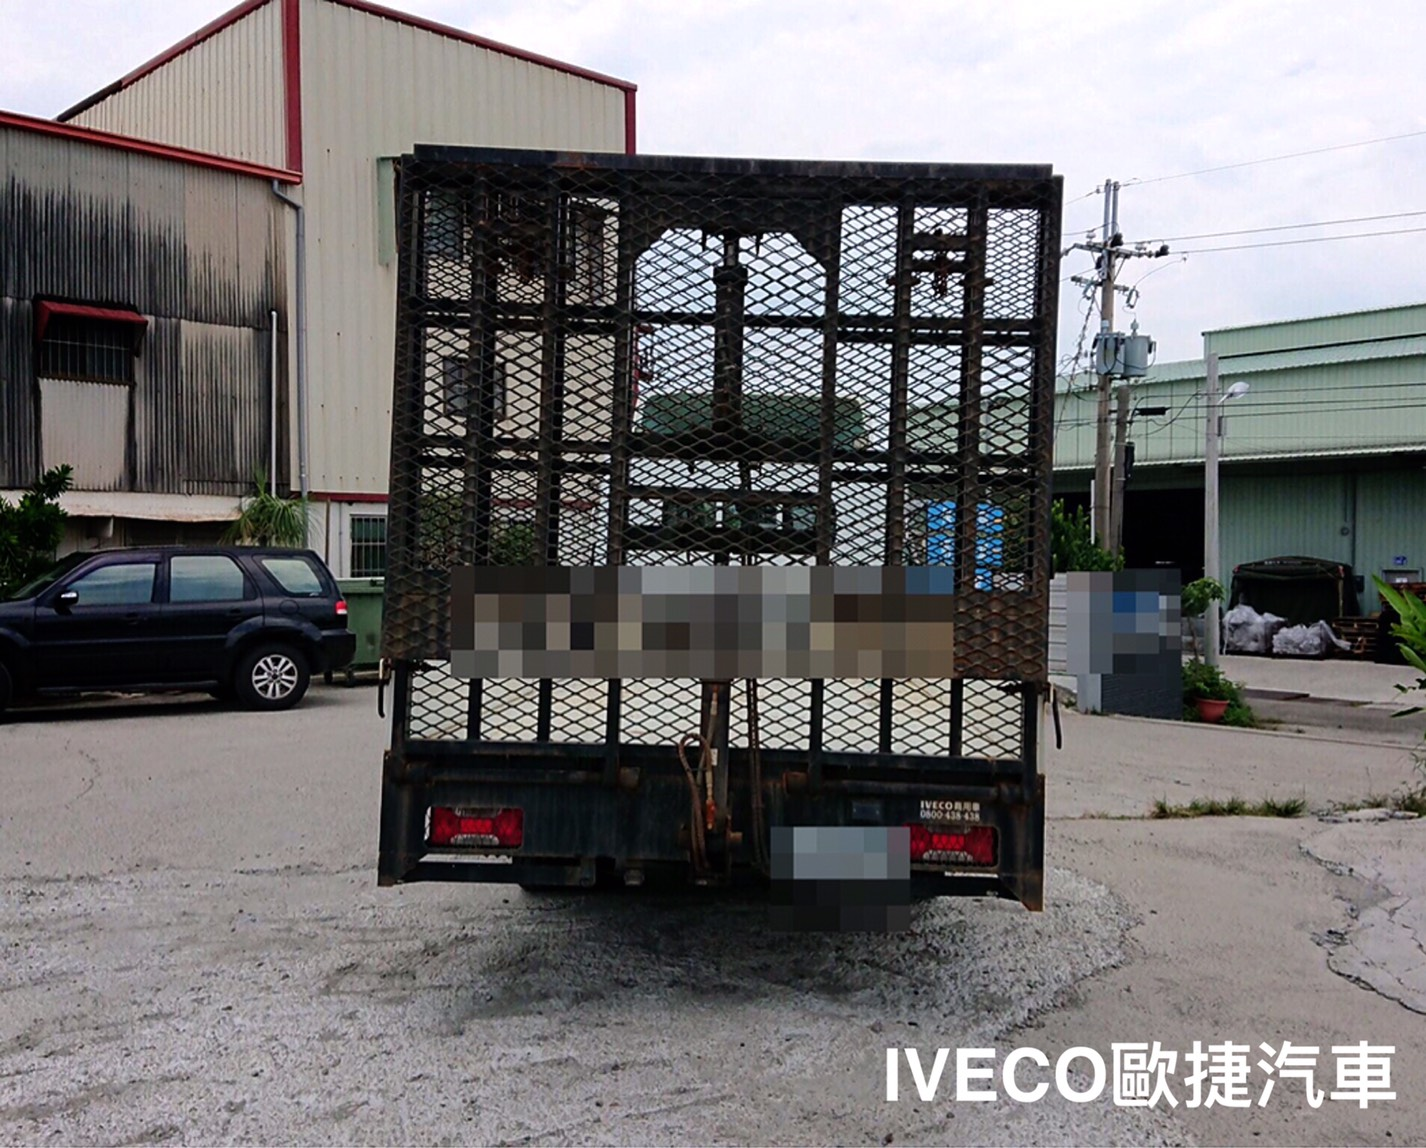 升降油壓梯超長軸極品-iveco貨車改裝